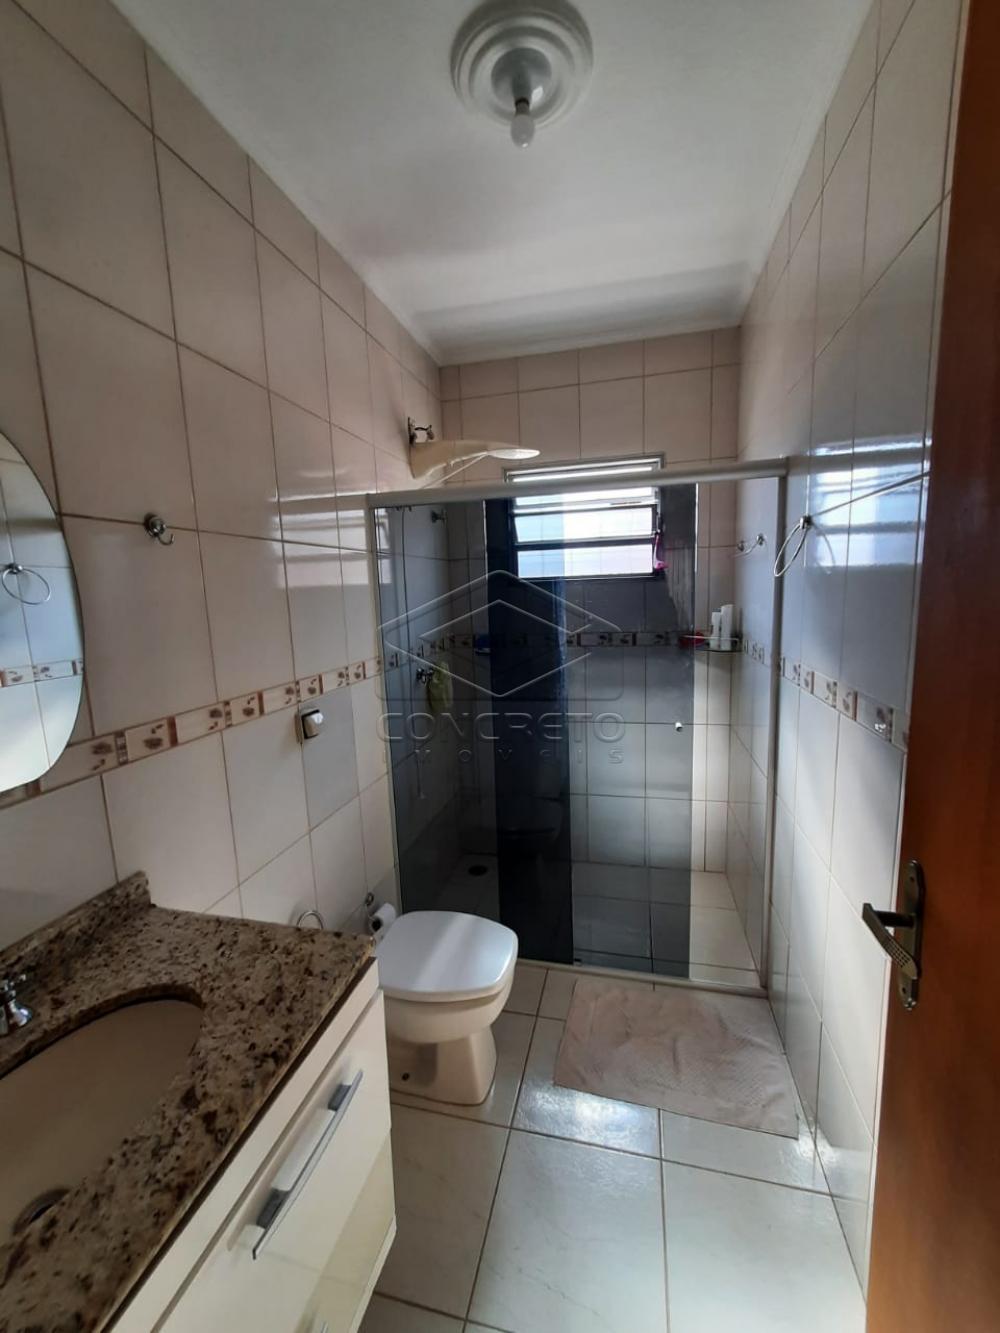 Comprar Casa / Padrão em Botucatu apenas R$ 400.000,00 - Foto 13